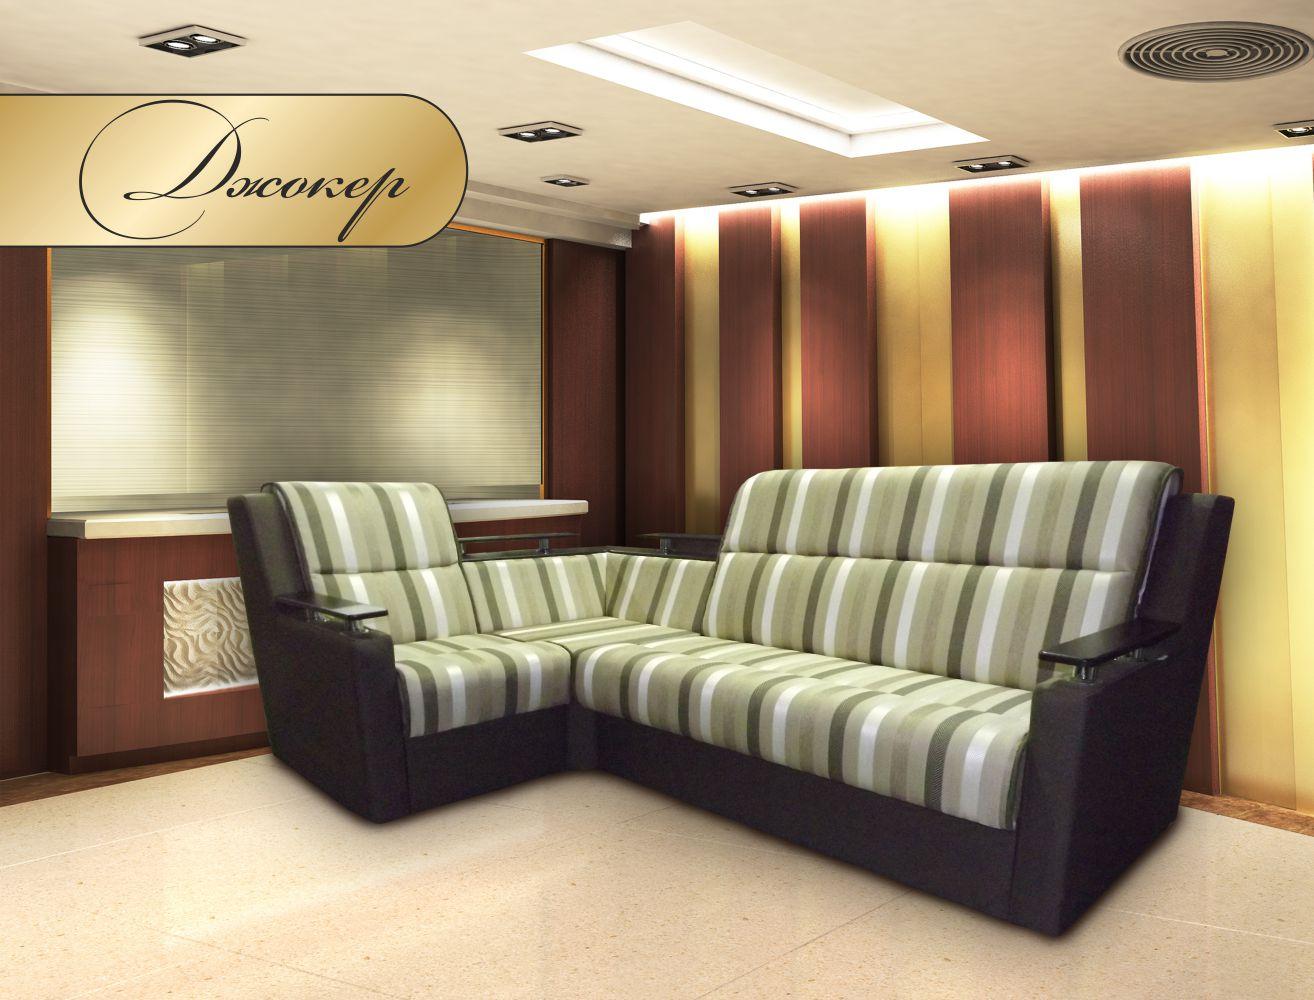 угловой диван джокер мкс купить диван с доставкой по киеву и украине